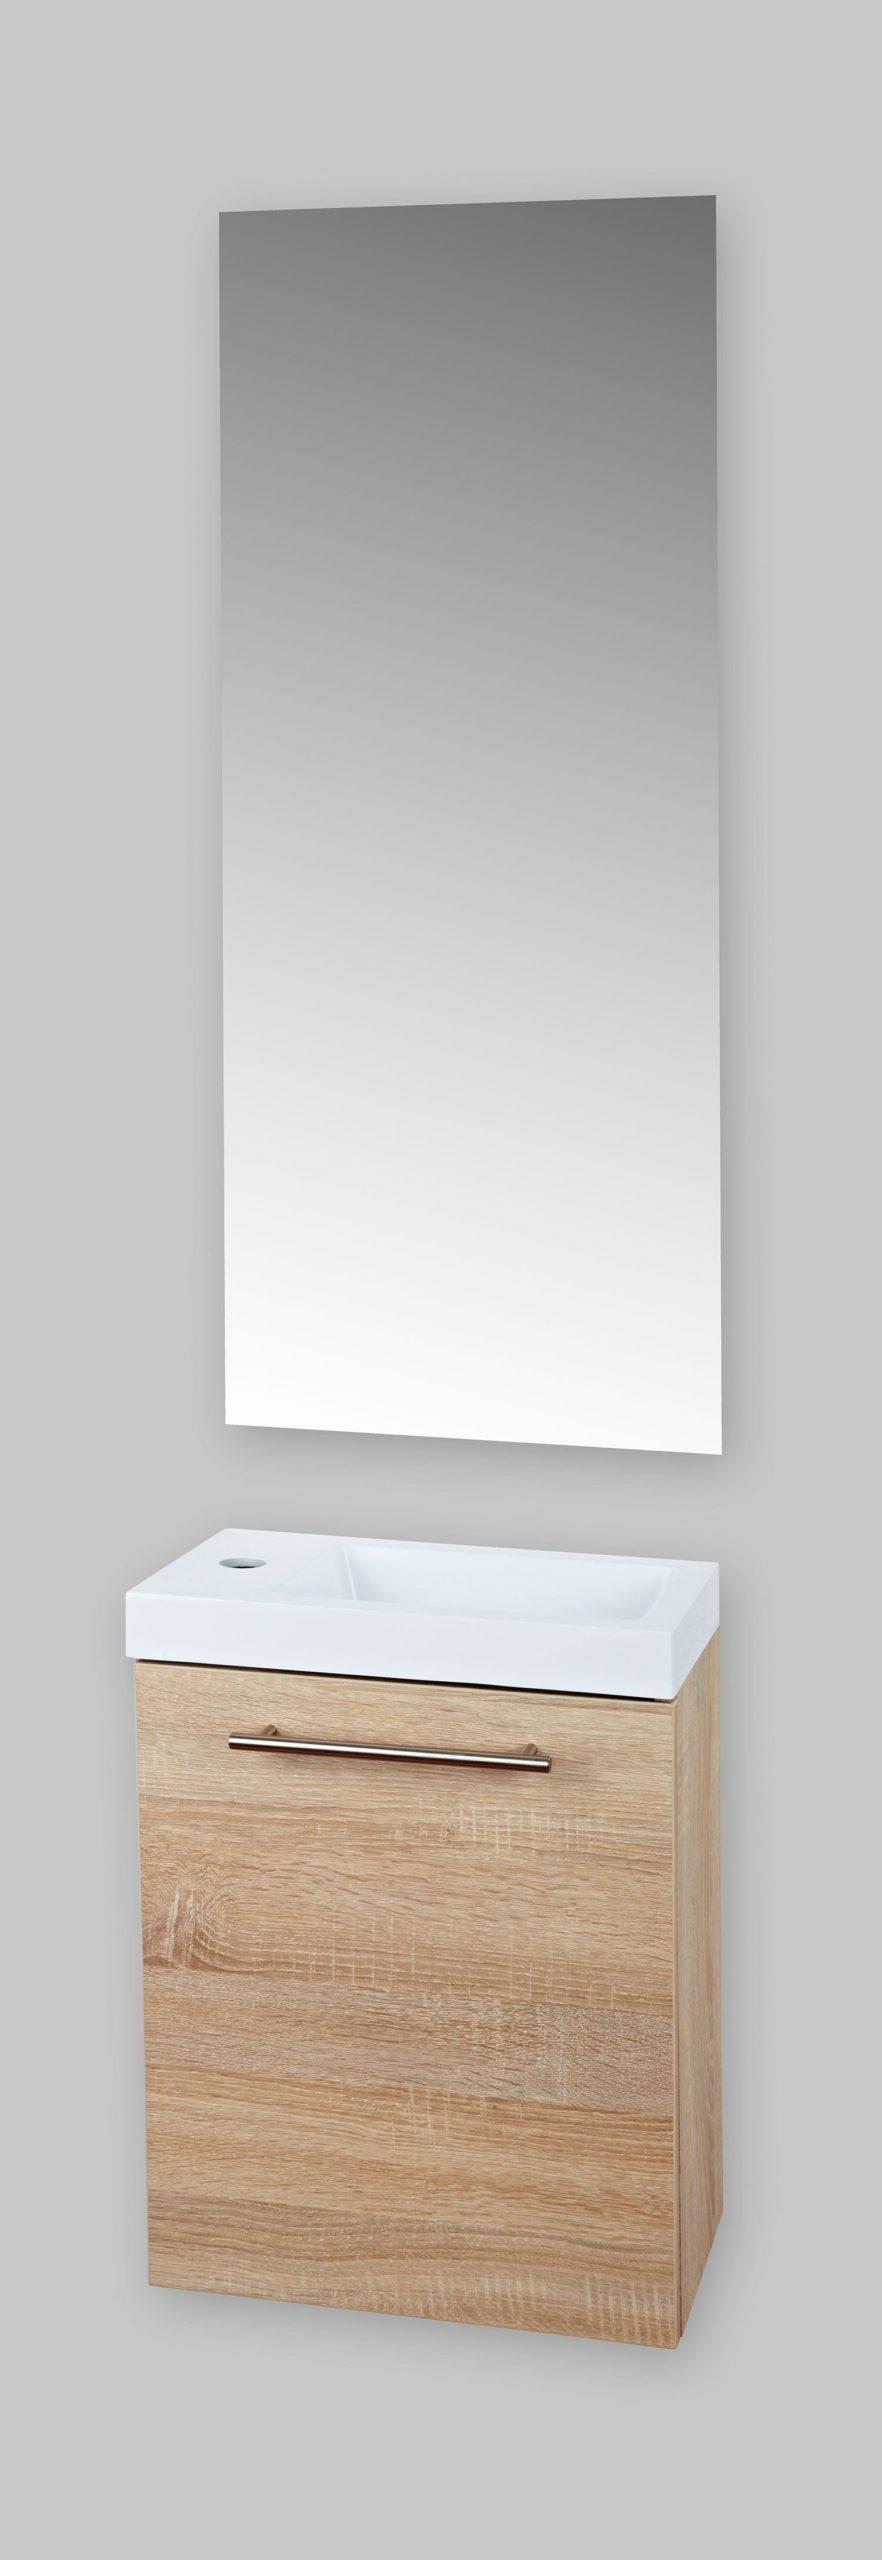 Badstuber Fantasy toiletmeubel eiken 40x22cm